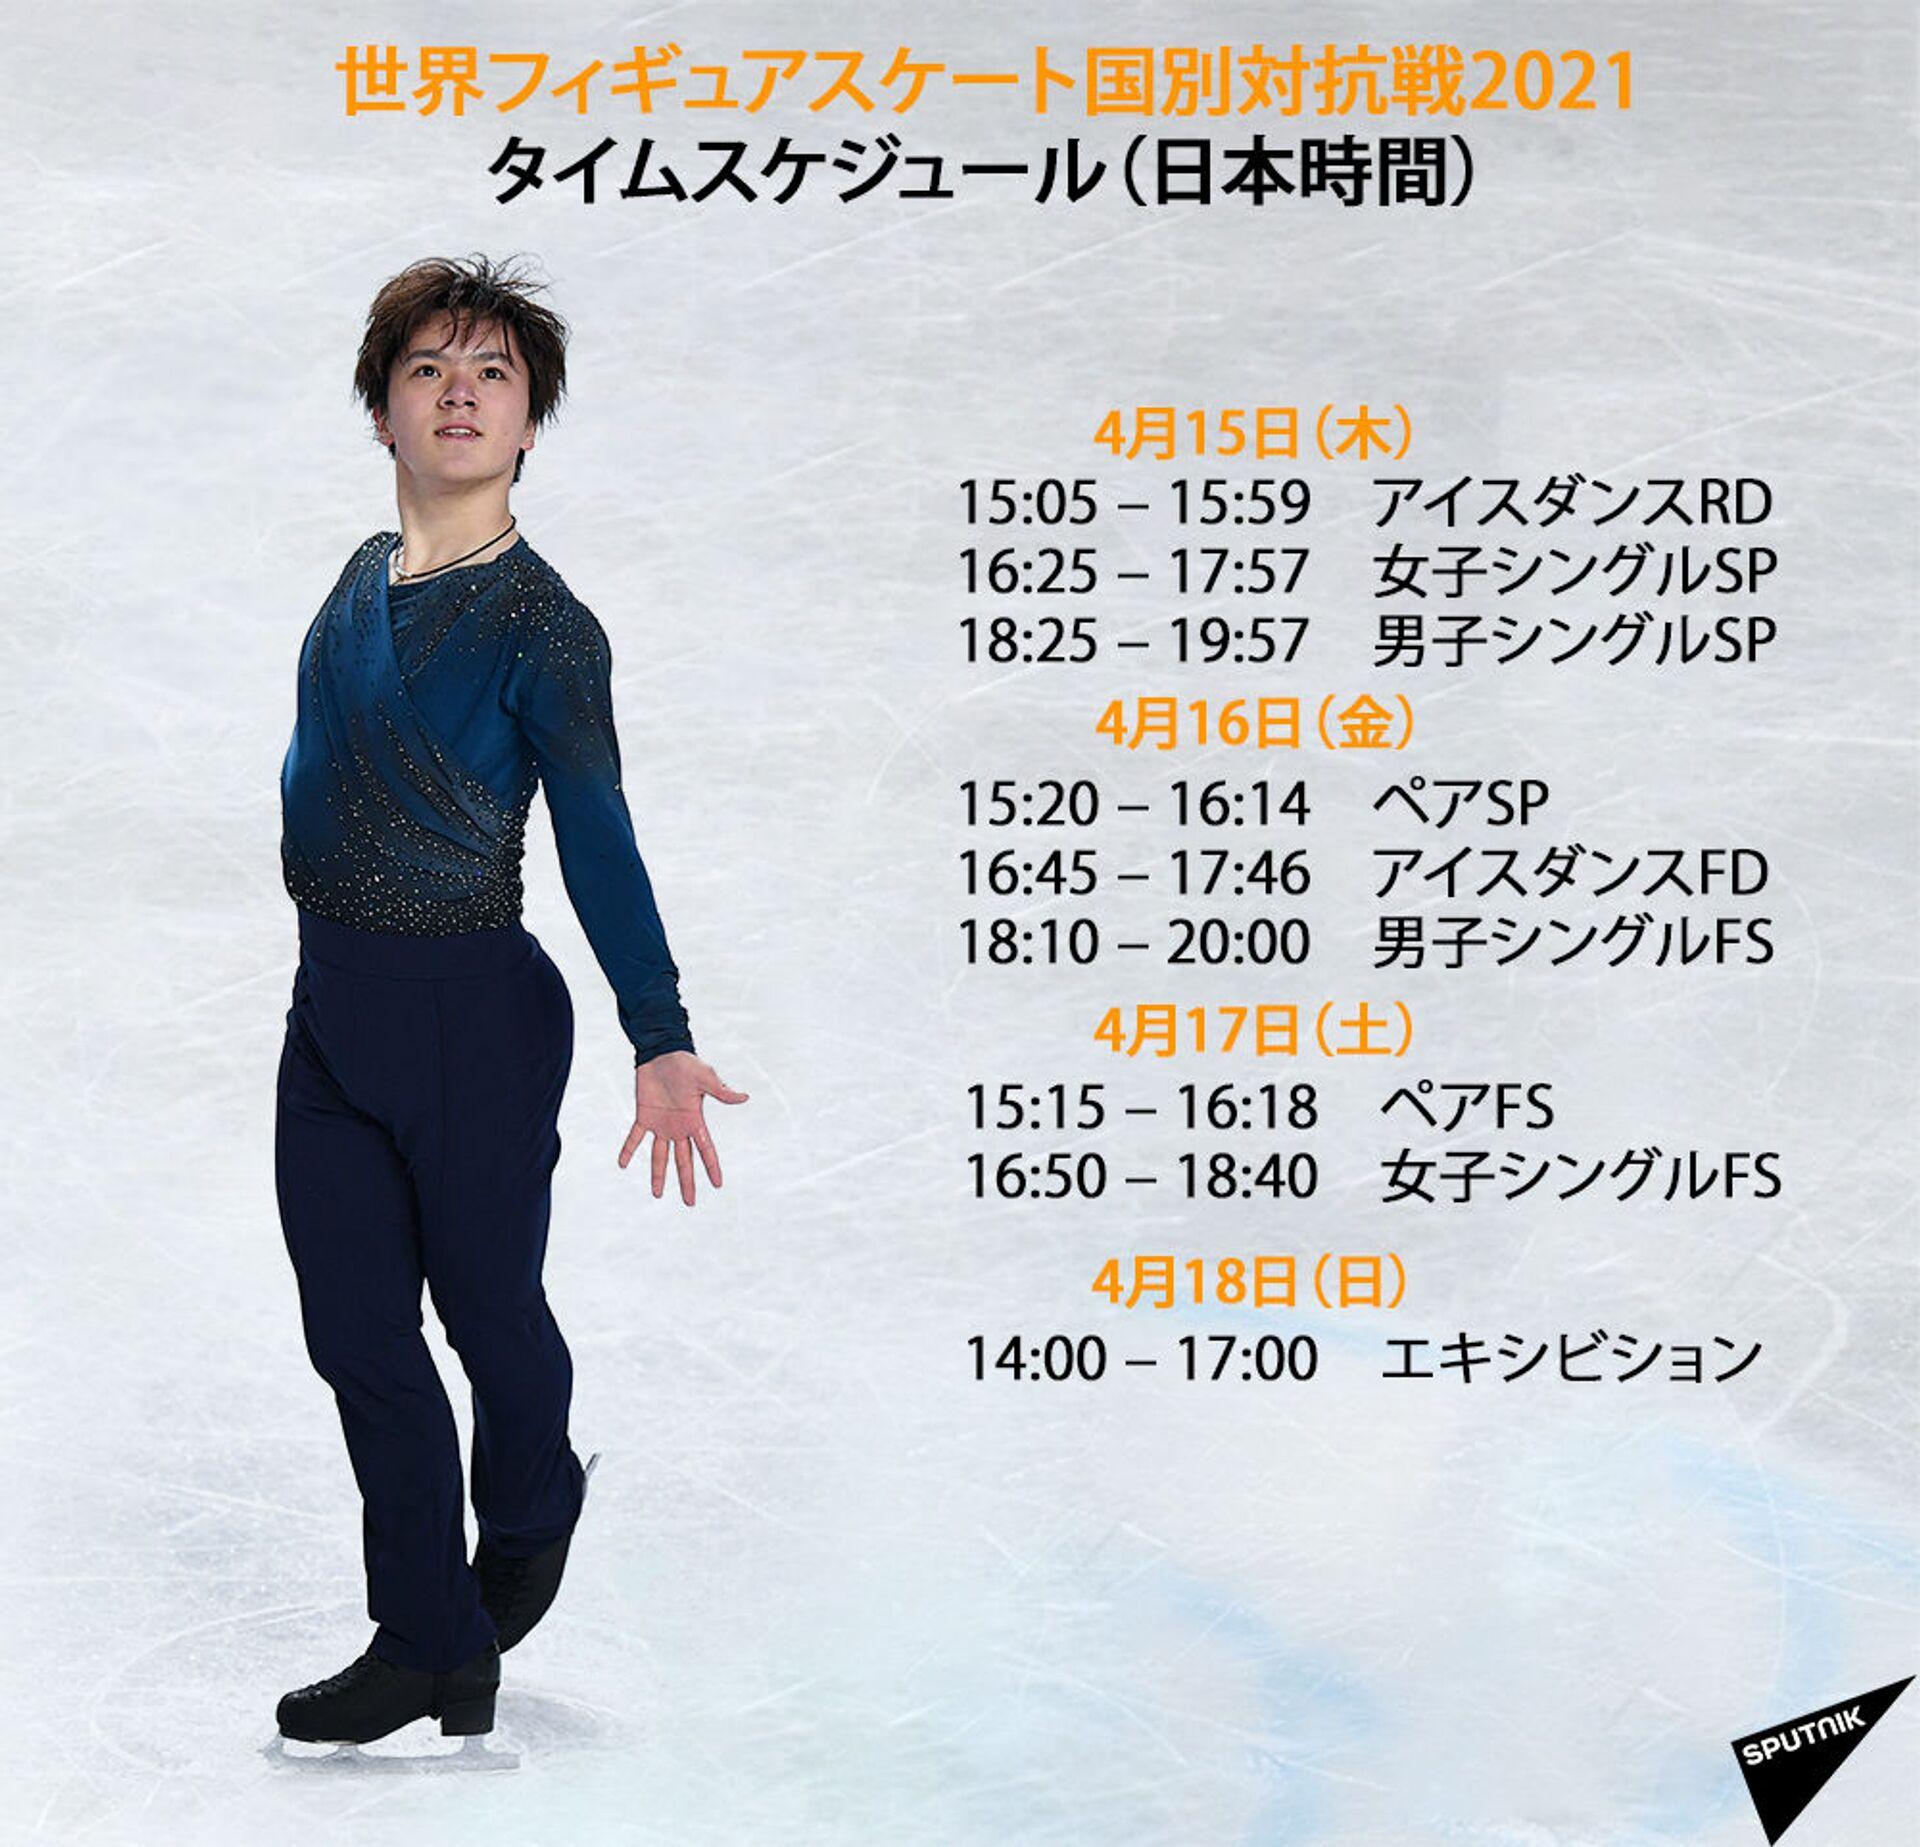 世界フィギュアスケート国別対抗戦2021 - Sputnik 日本, 1920, 12.04.2021